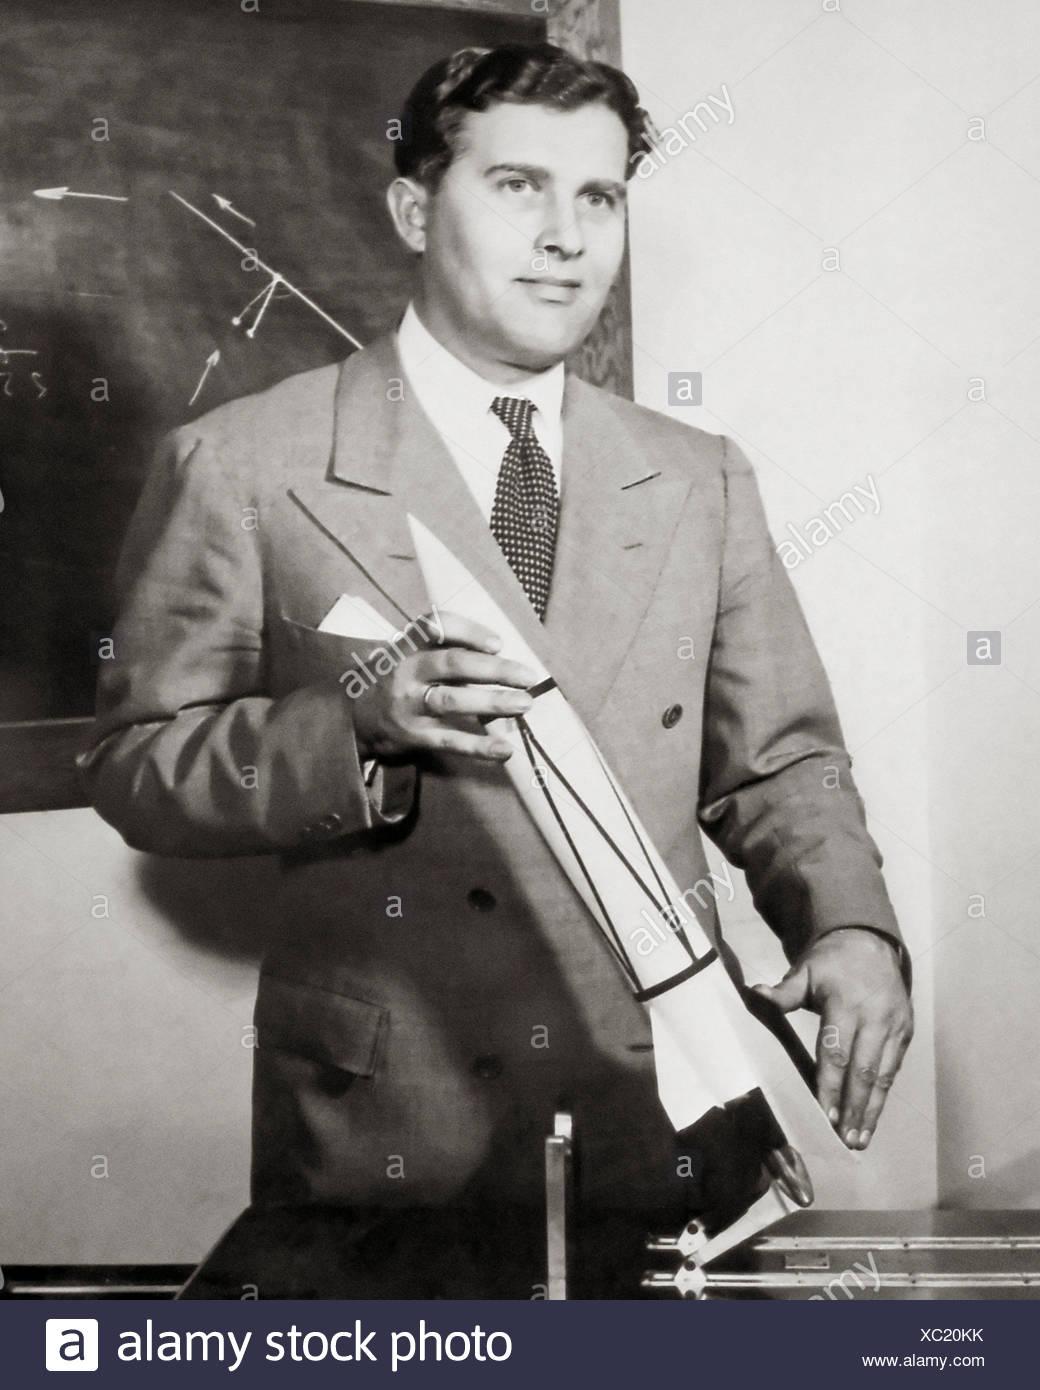 Wernher Von Braun With Rocket Model Stock Photo 282786215